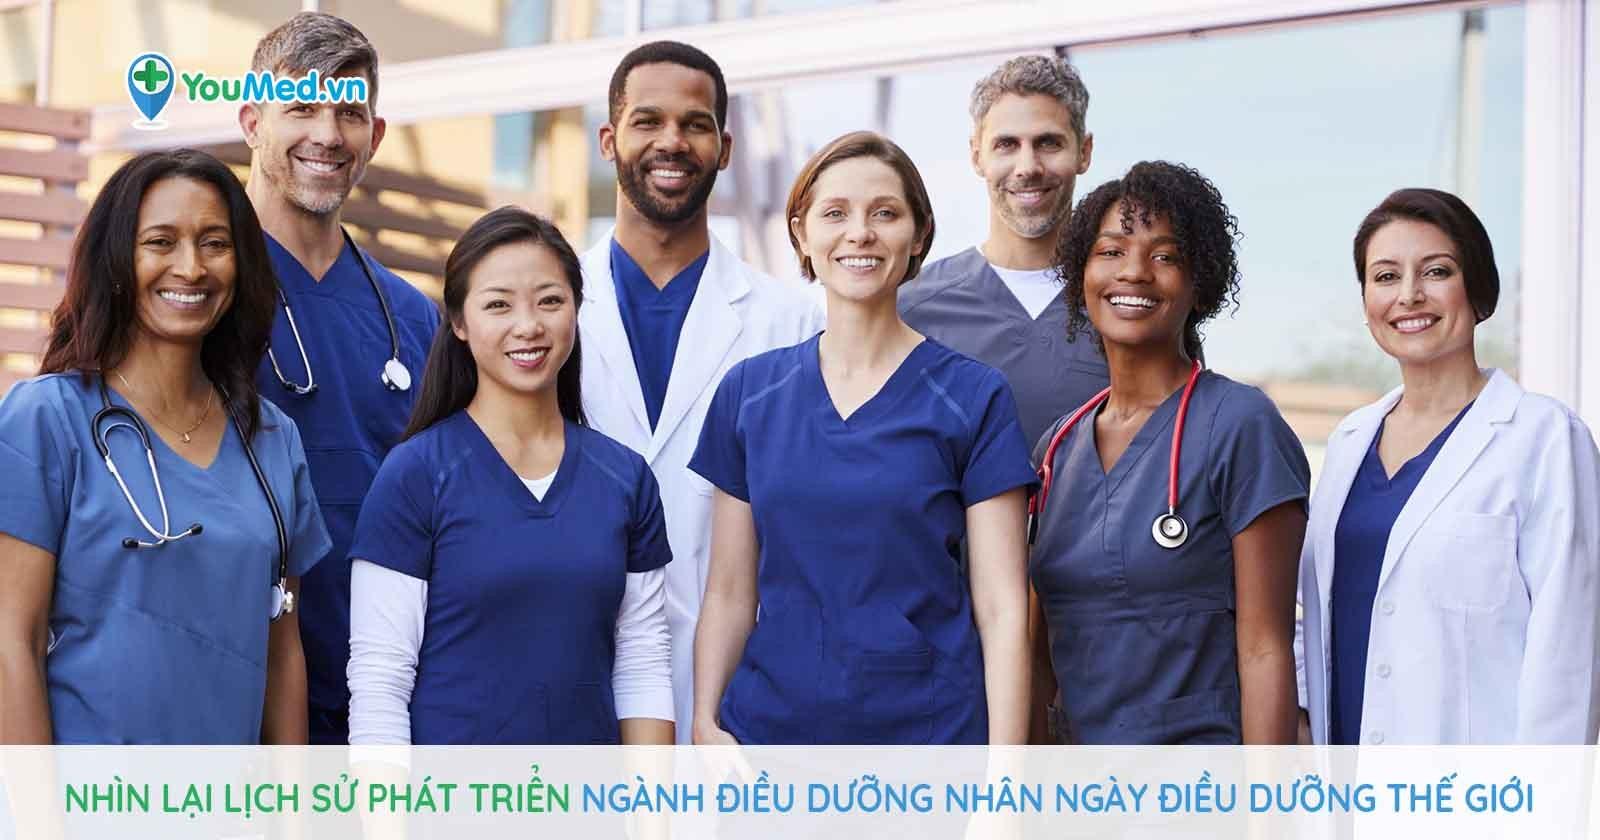 Nhìn lại lịch sử phát triển ngành Điều dưỡng nhân Ngày Điều dưỡng Thế giới